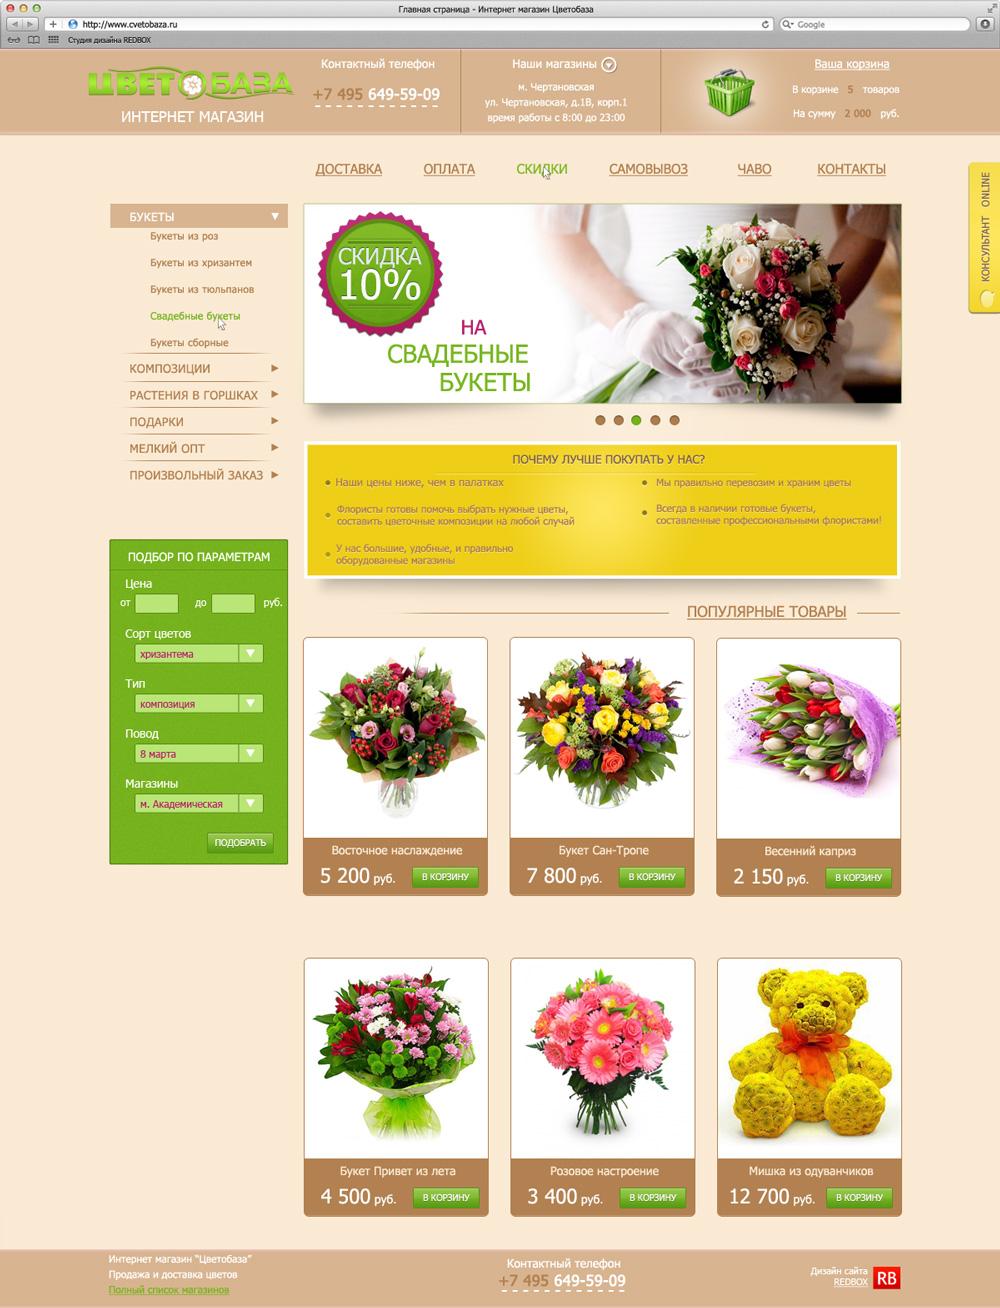 Светлый дизайн сайта интернет магазина цветов